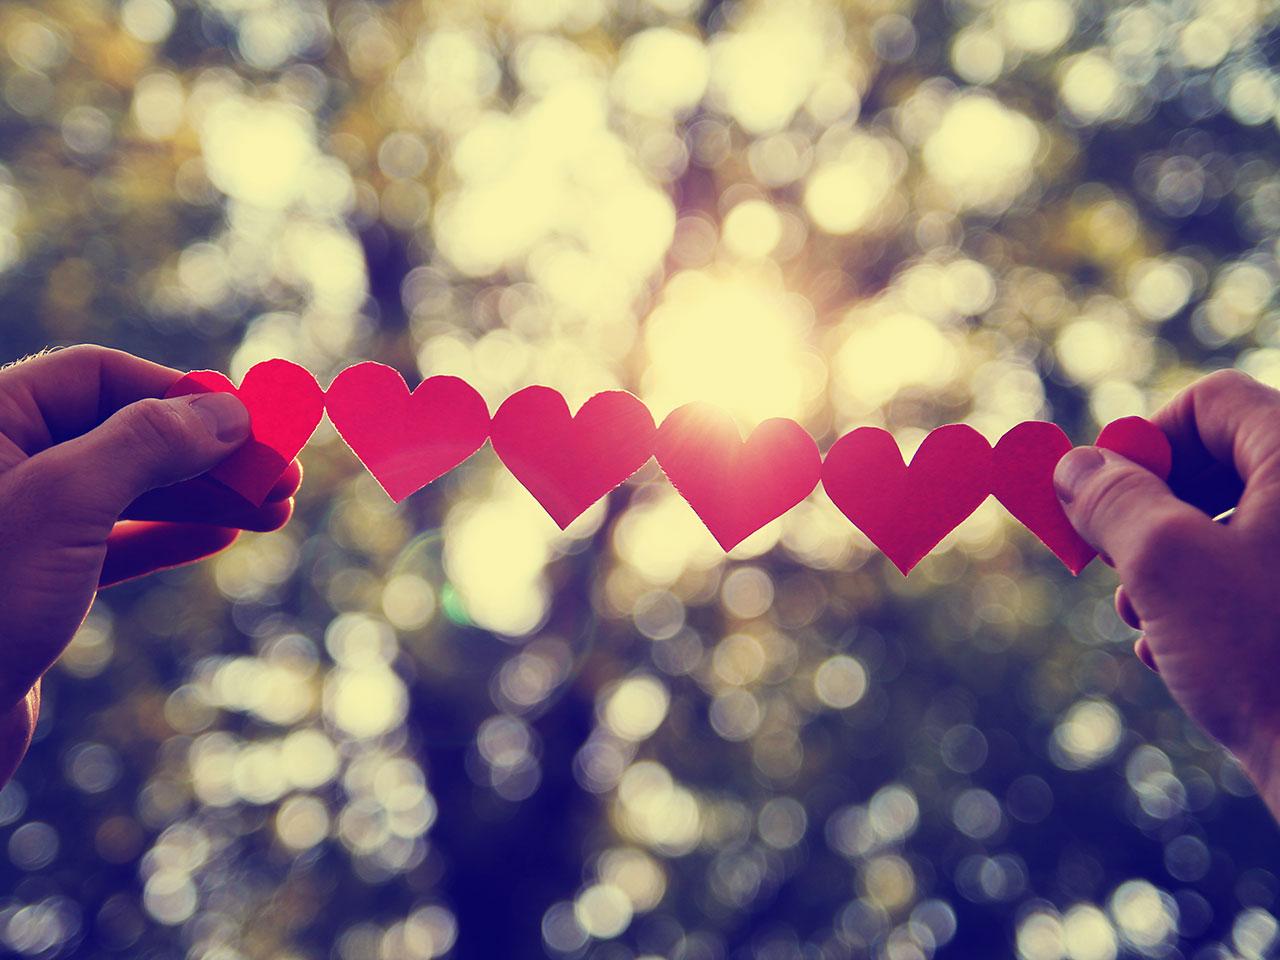 صورة كلمات عن الحياة والحب , عبارات تعبر عن الحب والحياة